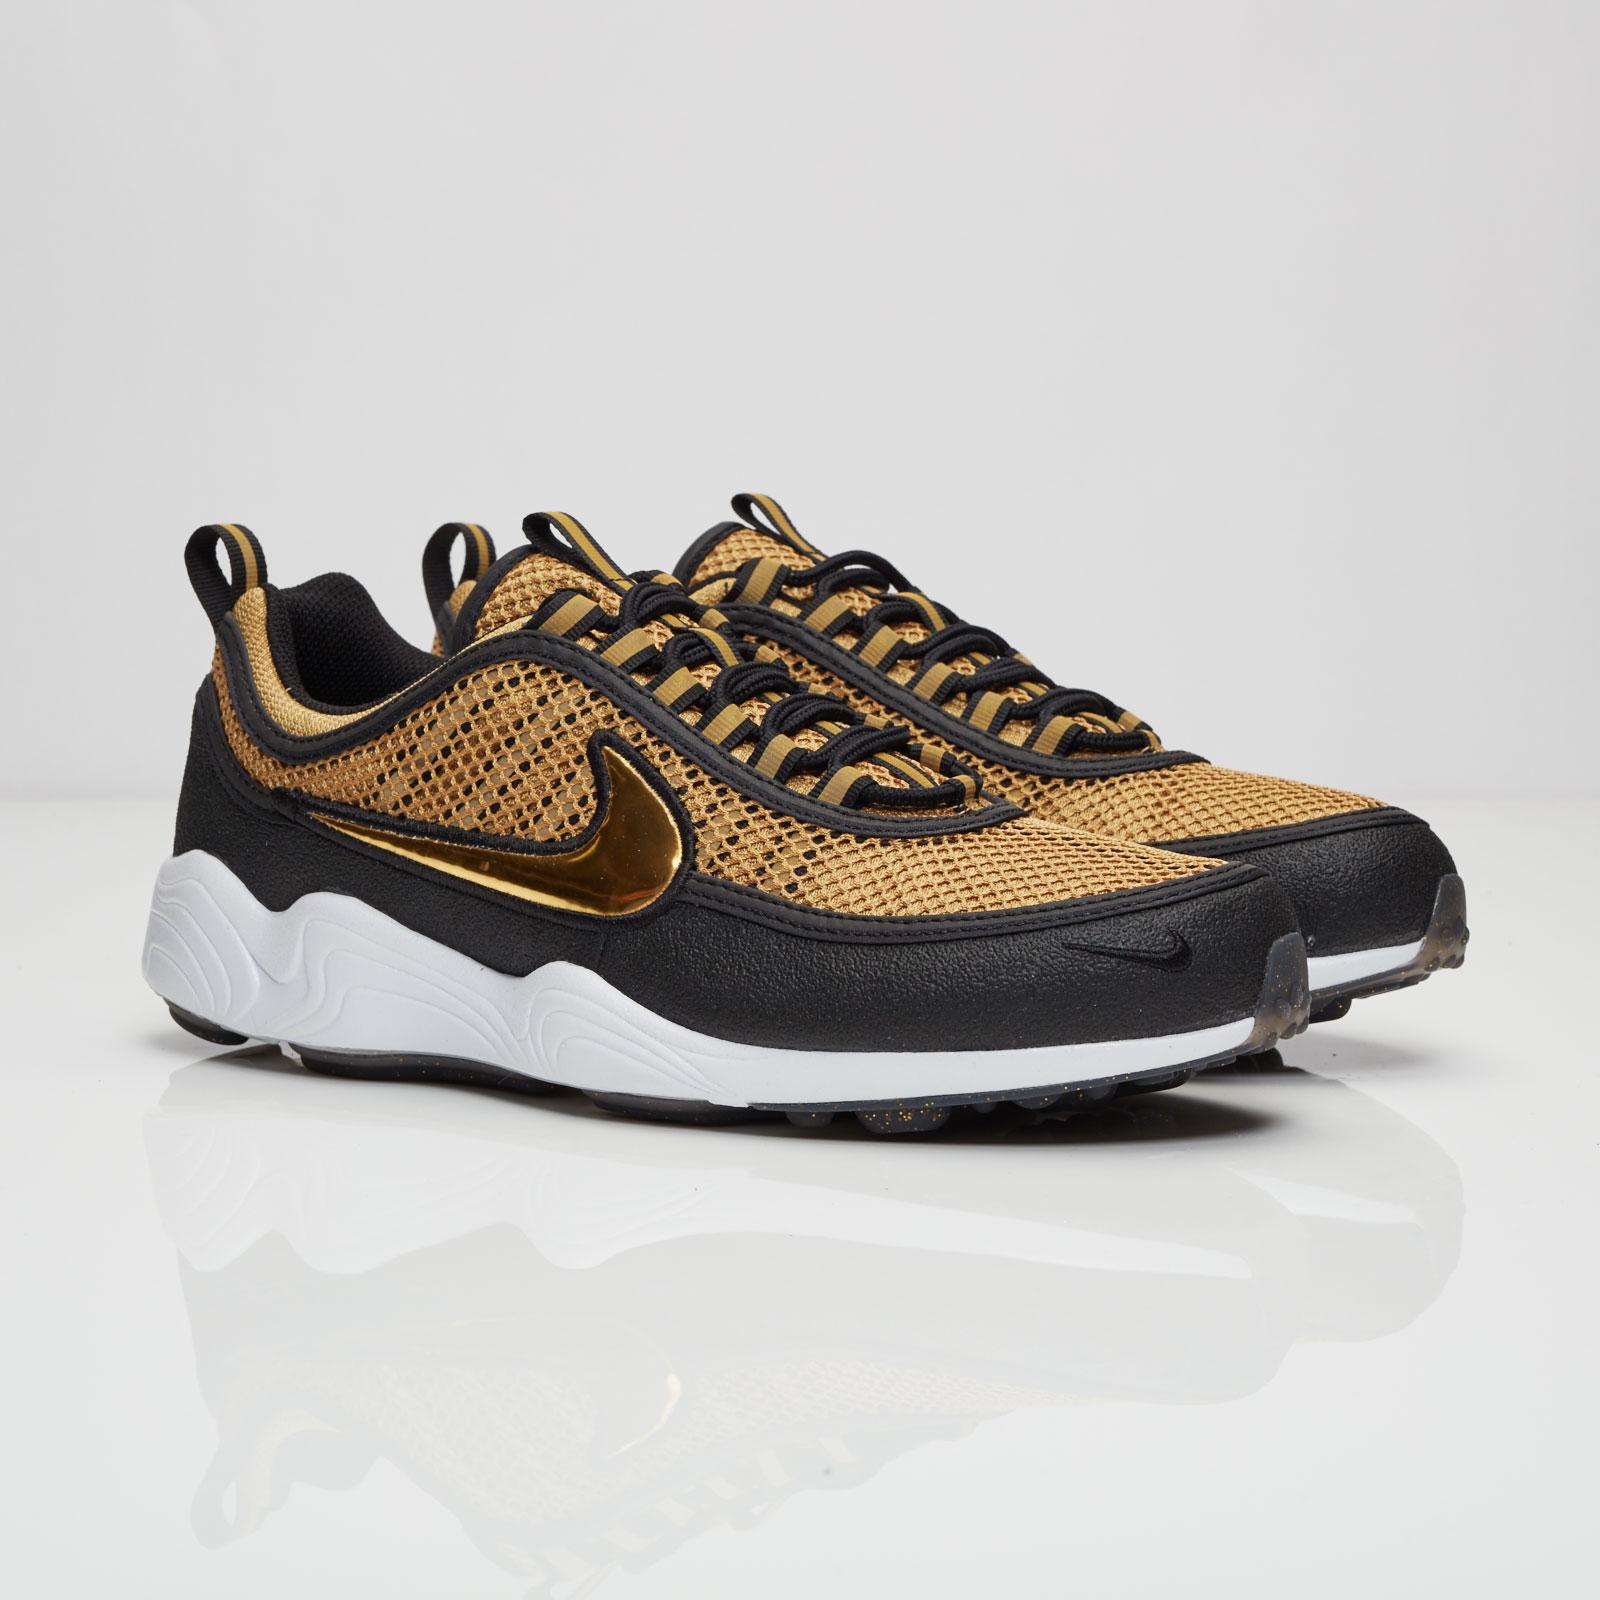 grossiste 17225 95f50 Nike Air Zoom Spiridon - 849776-770 - Sneakersnstuff ...